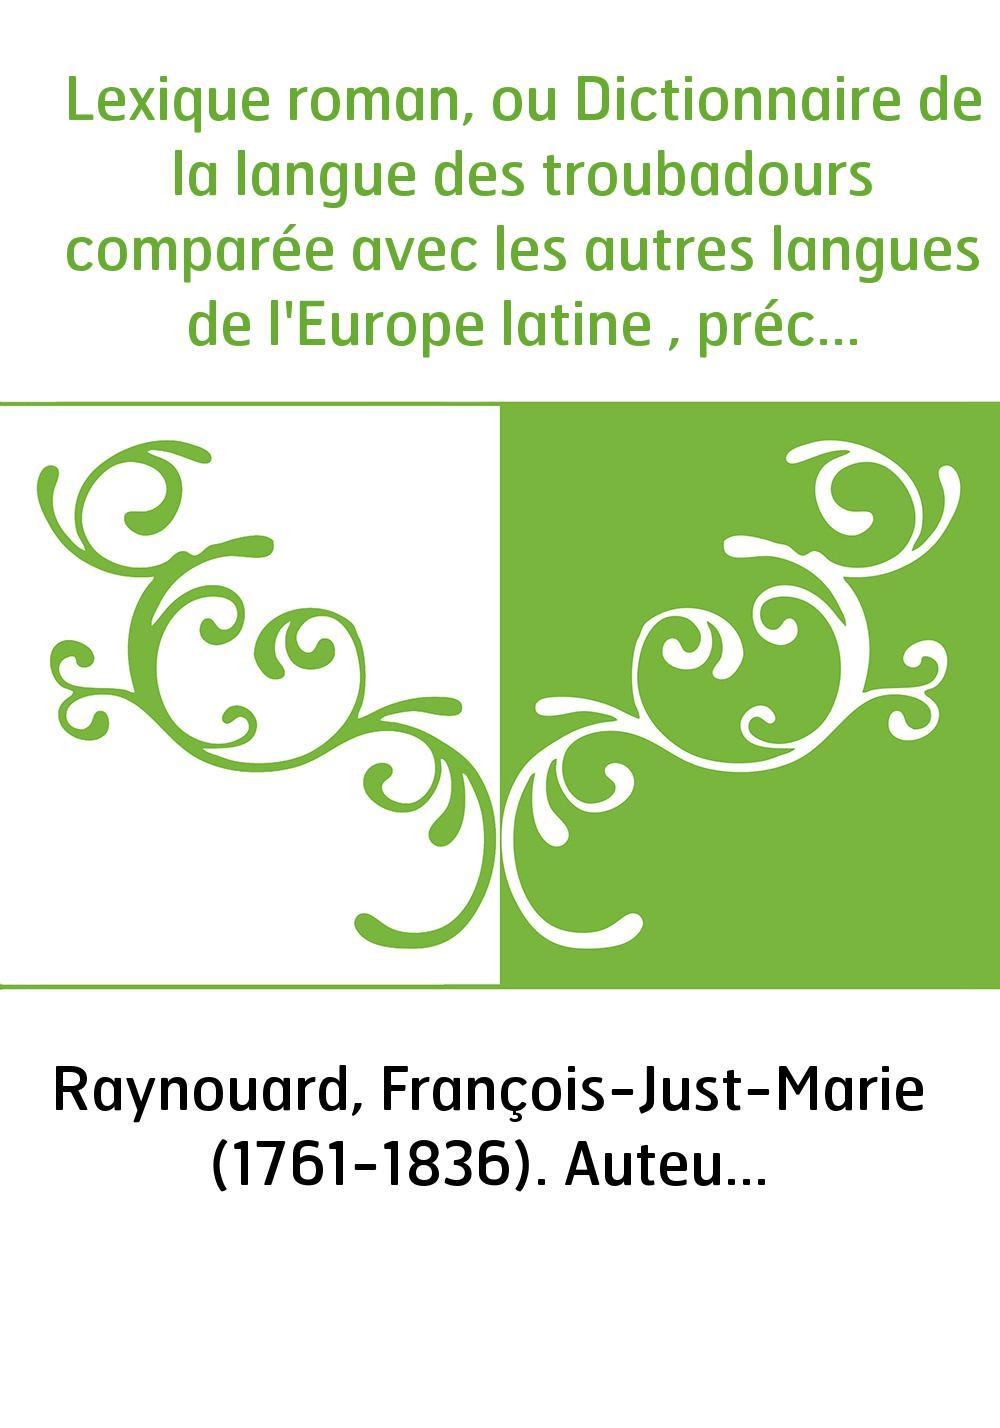 Lexique roman, ou Dictionnaire de la langue des troubadours comparée avec les autres langues de l'Europe latine , précédé de nou